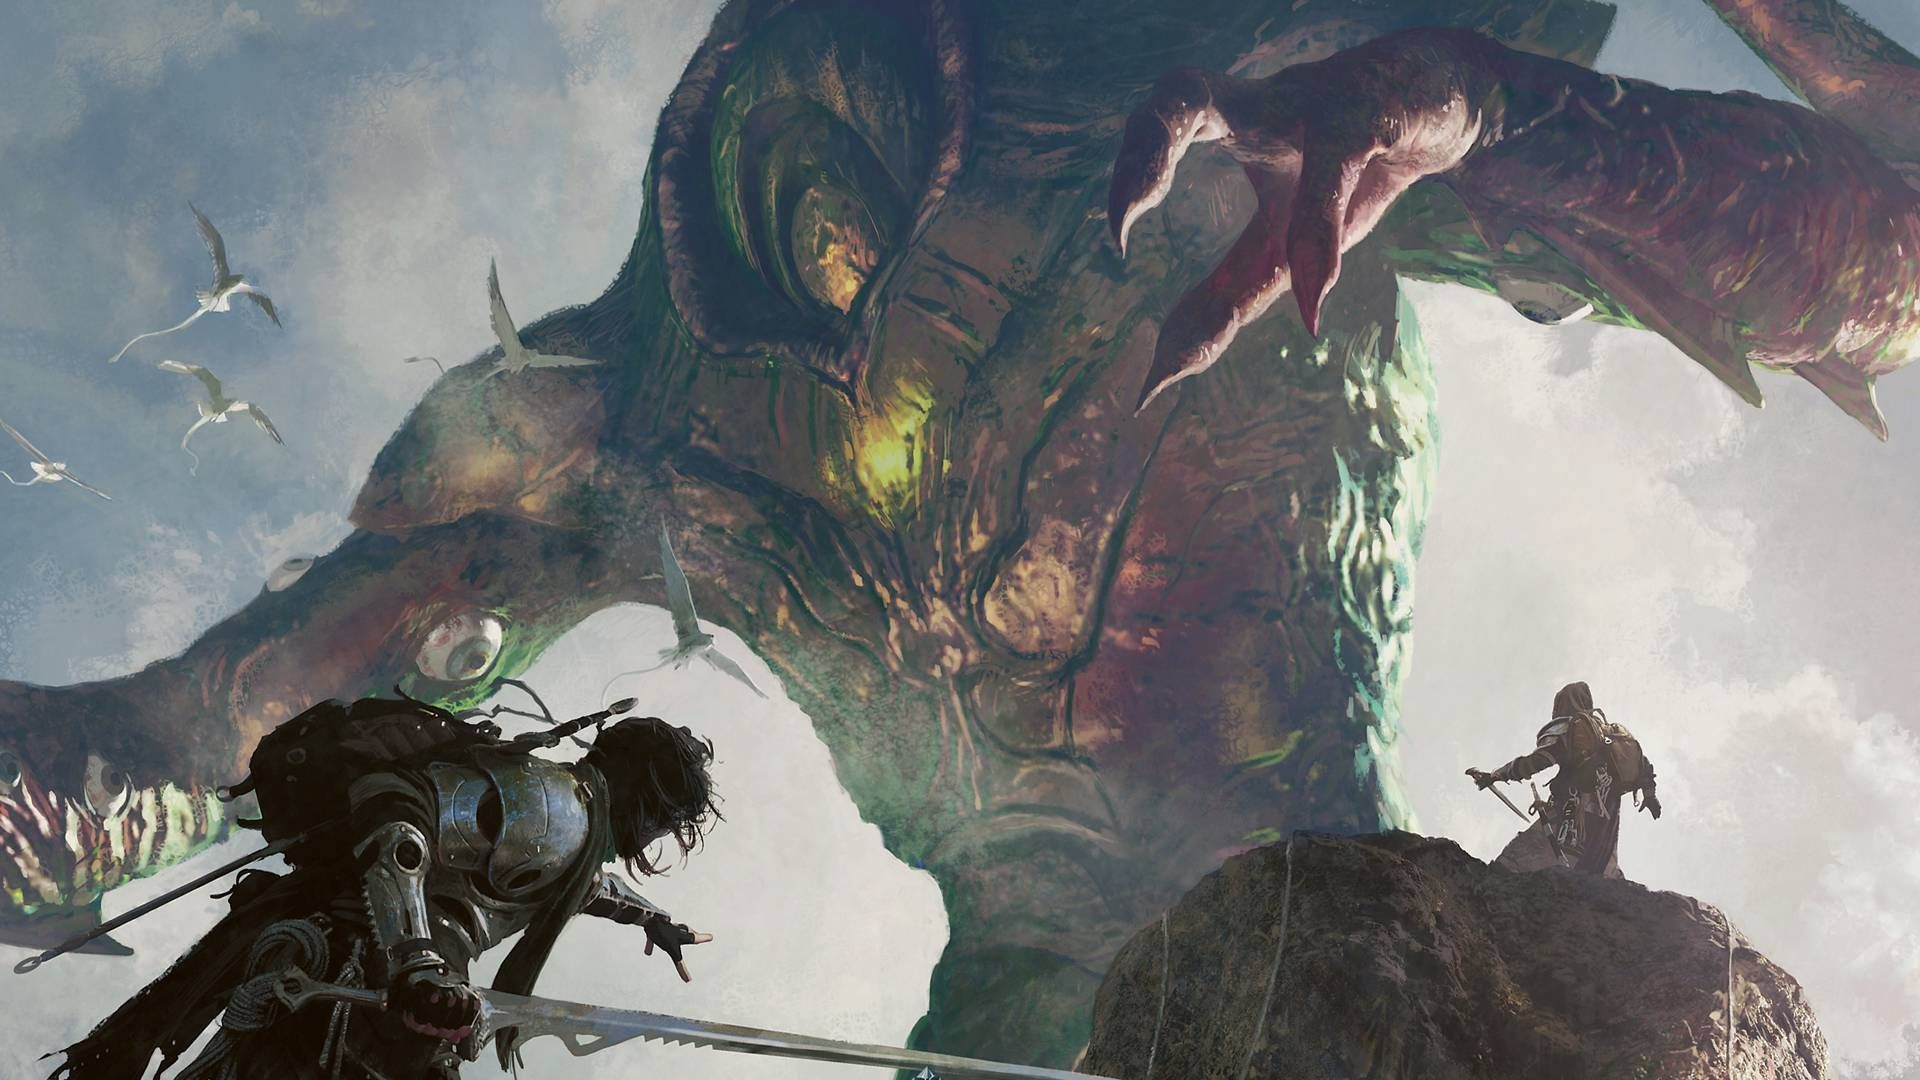 Giant Monster Wallpaper Part 4 Album On Imgur Fantasy Background Warriors Wallpaper Fantasy Images